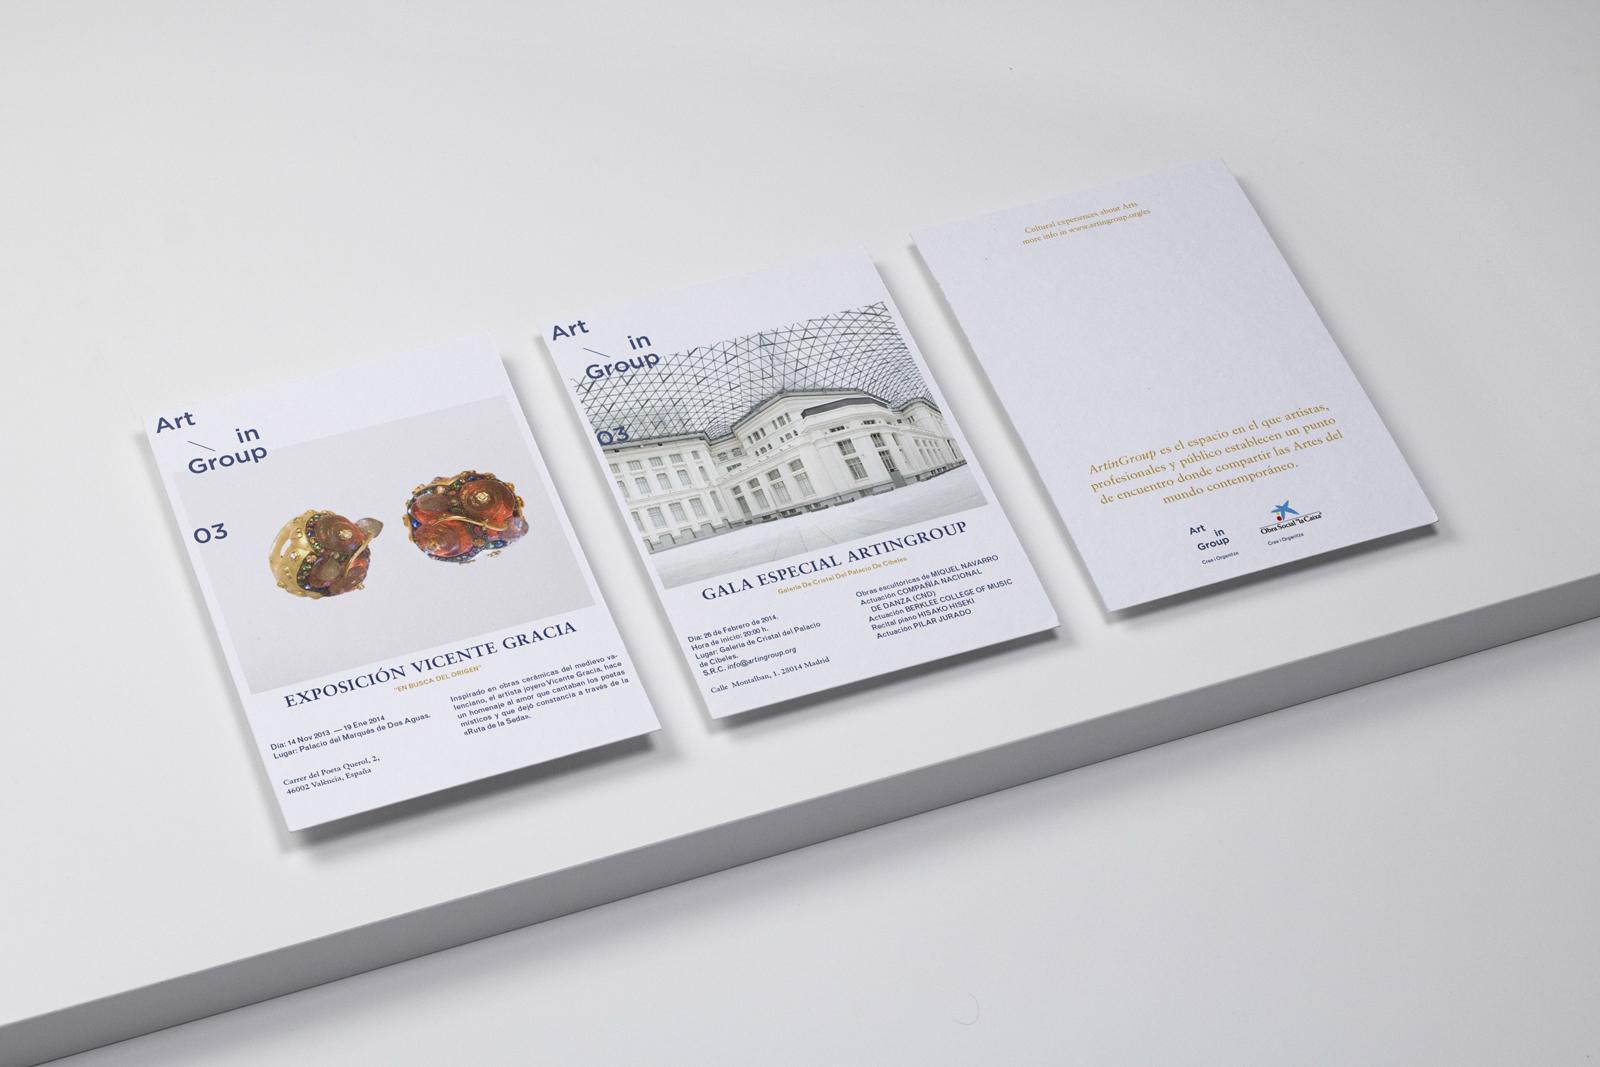 ArtinGroup 03 - Diseño gráfico y identidad visual para un evento cultural y artístico en Madrid, Barcelona y Valencia width=